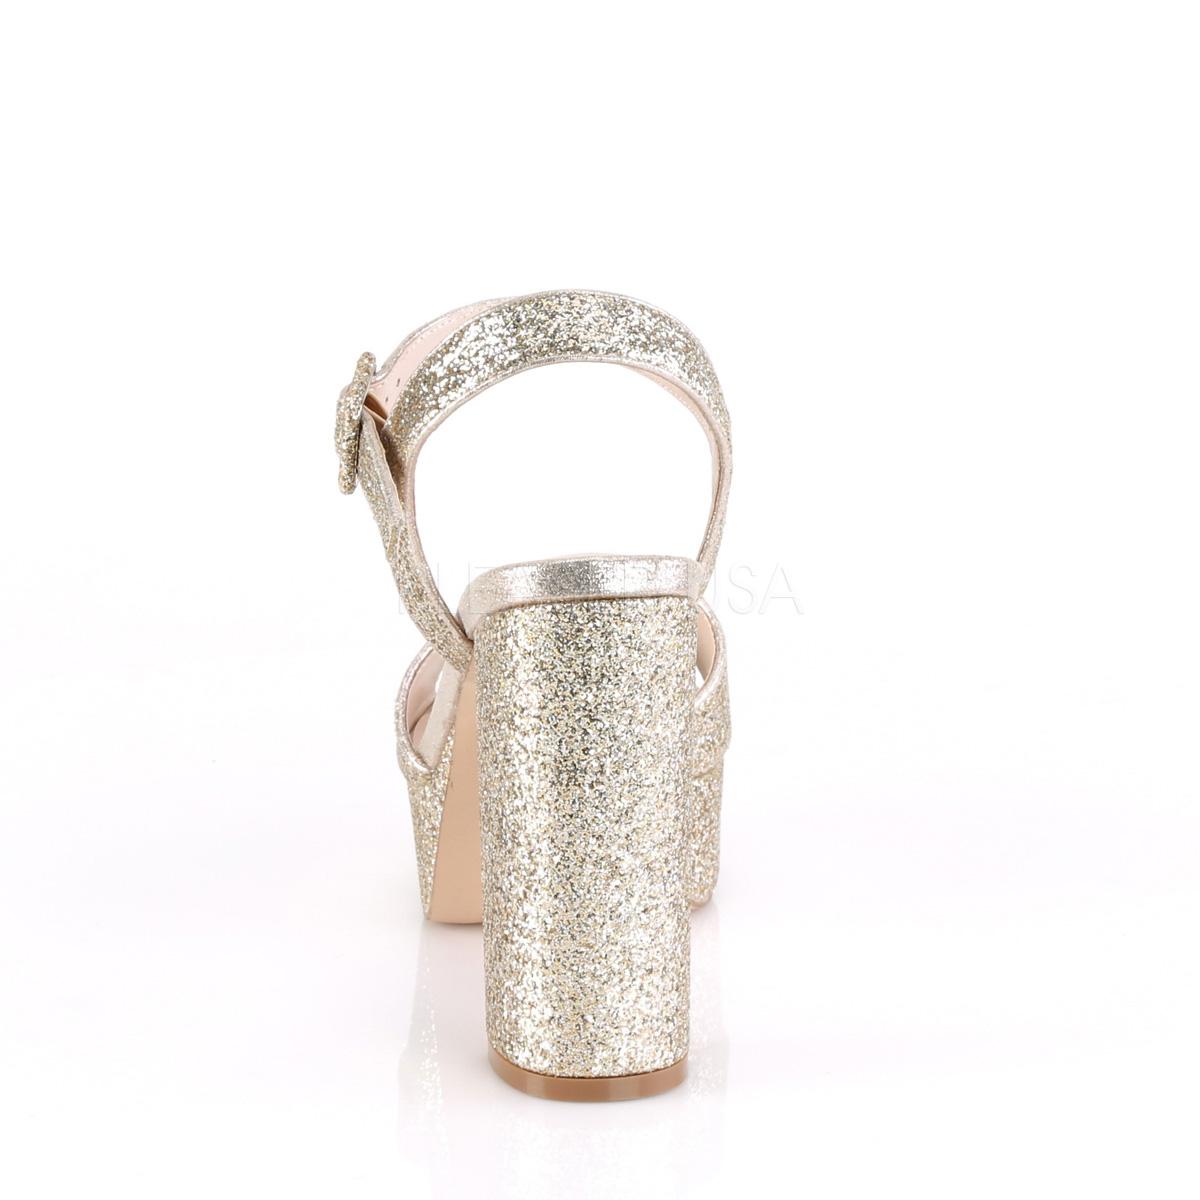 Sandali Con Glitter Dorato Tacco Celeste Plateau Cm 11 5 09 Largo E fbgYy67